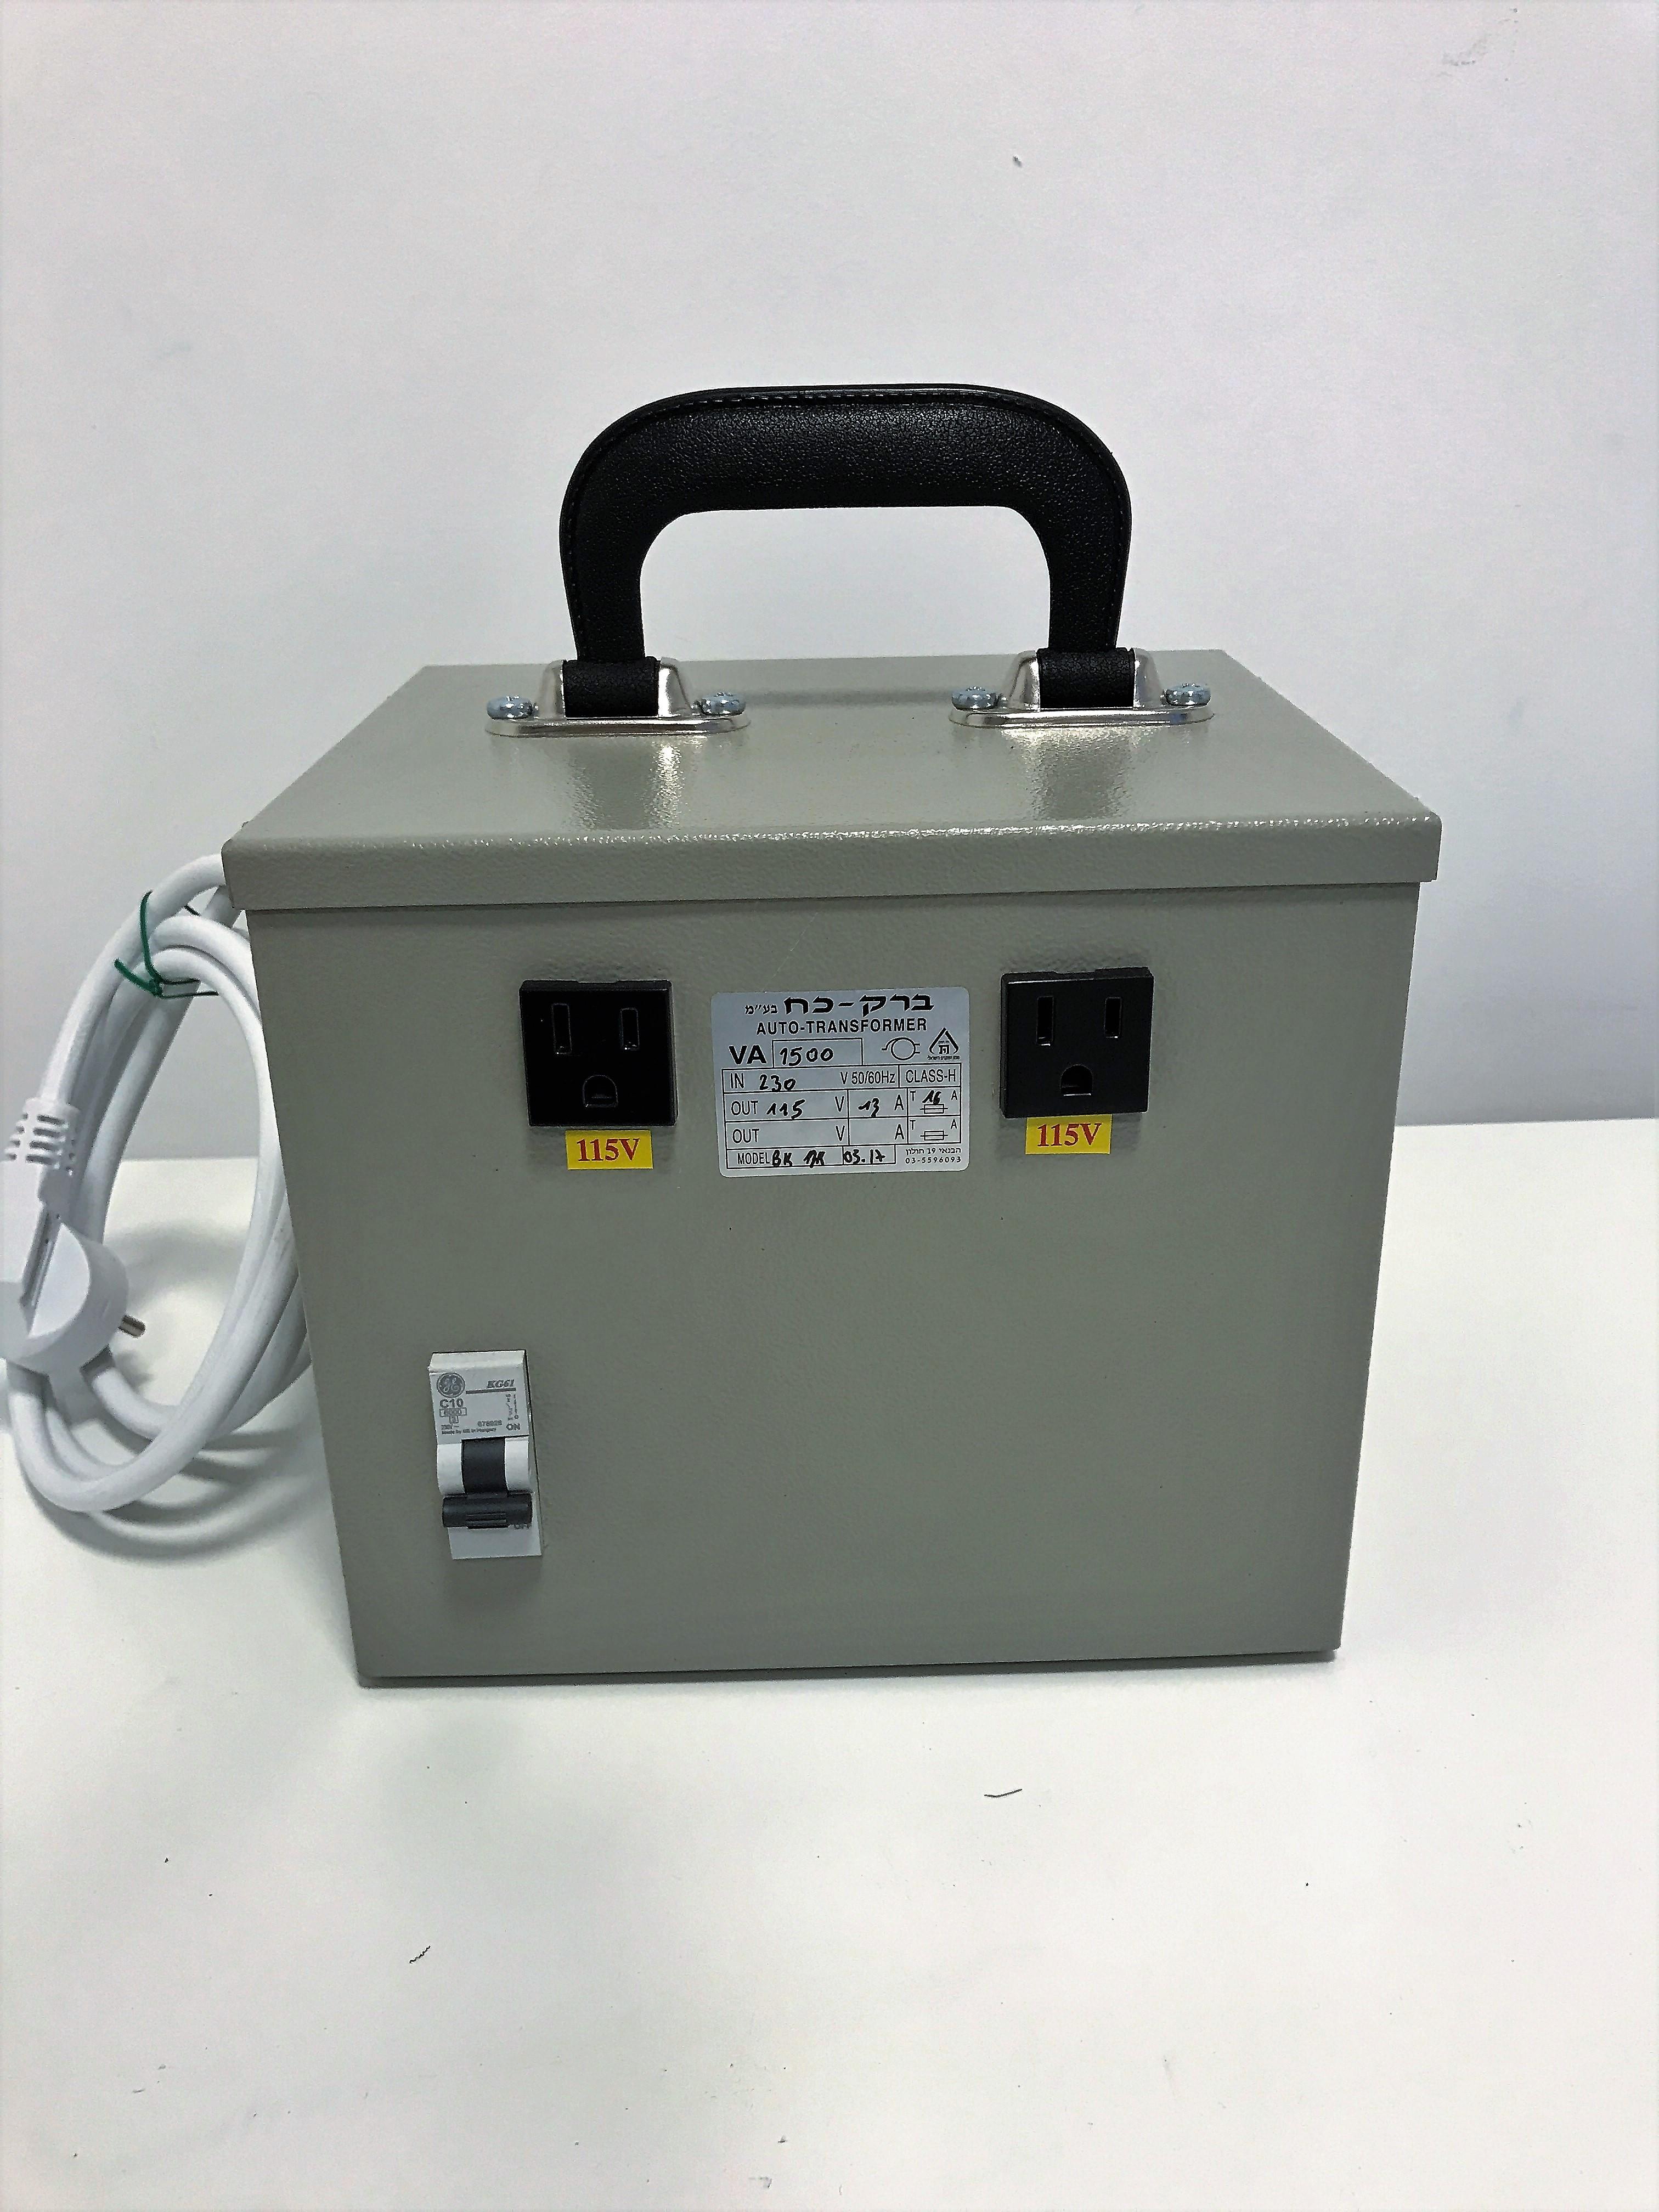 שנאי אוטוטרפו *קומפלט* בהספק 3000VA (למכשיר אמריקאי 115V)